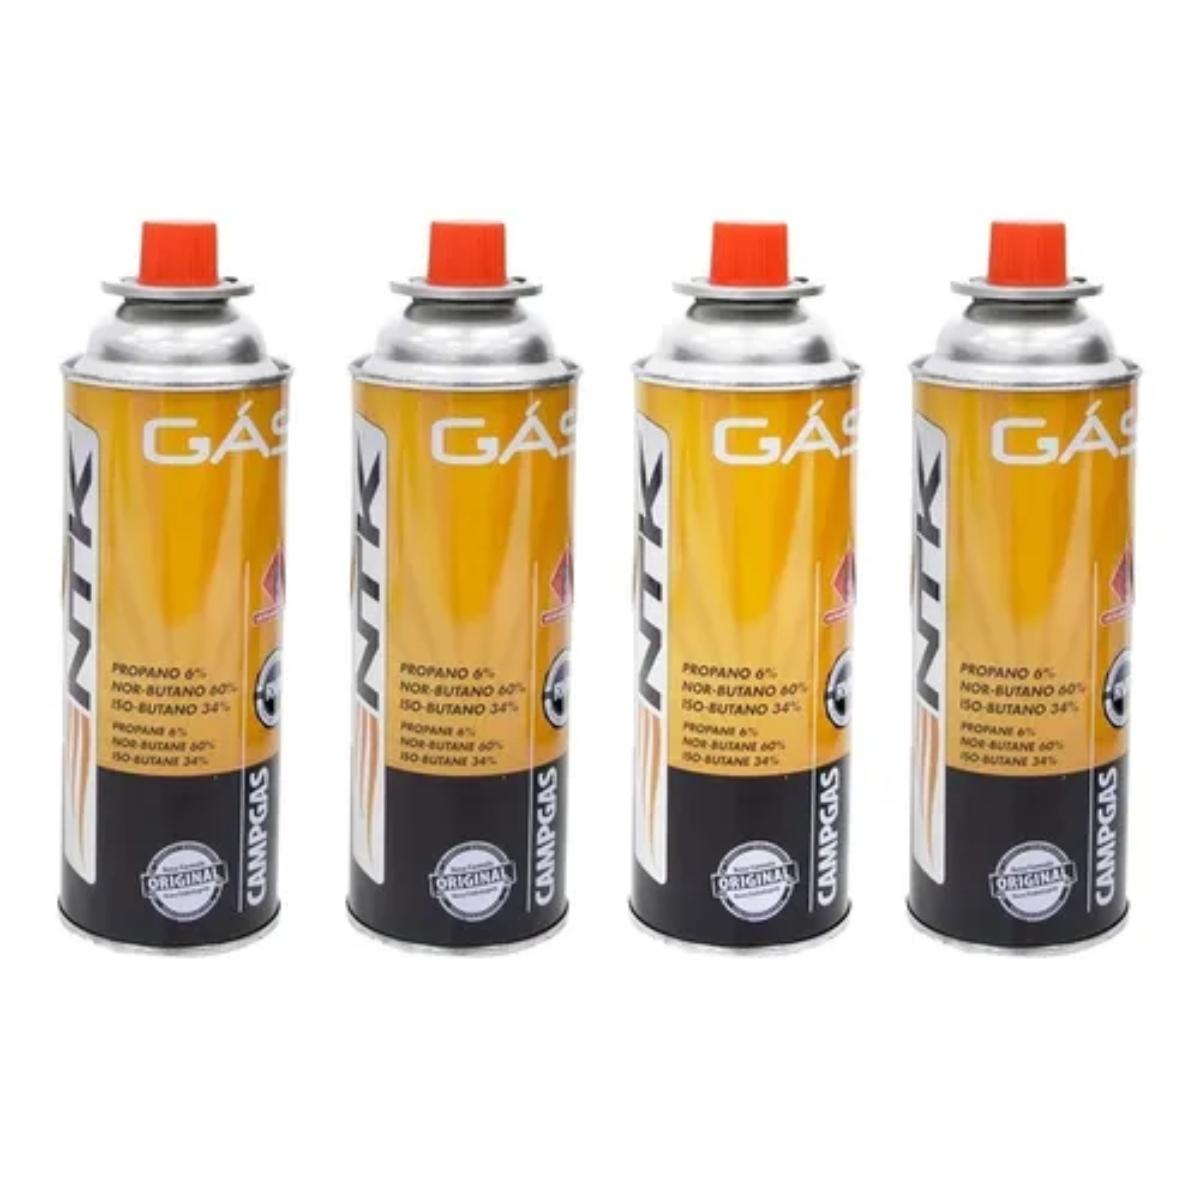 Fogão Fogareiro Portátil Camping Starfer Automático + 4 refis de gás